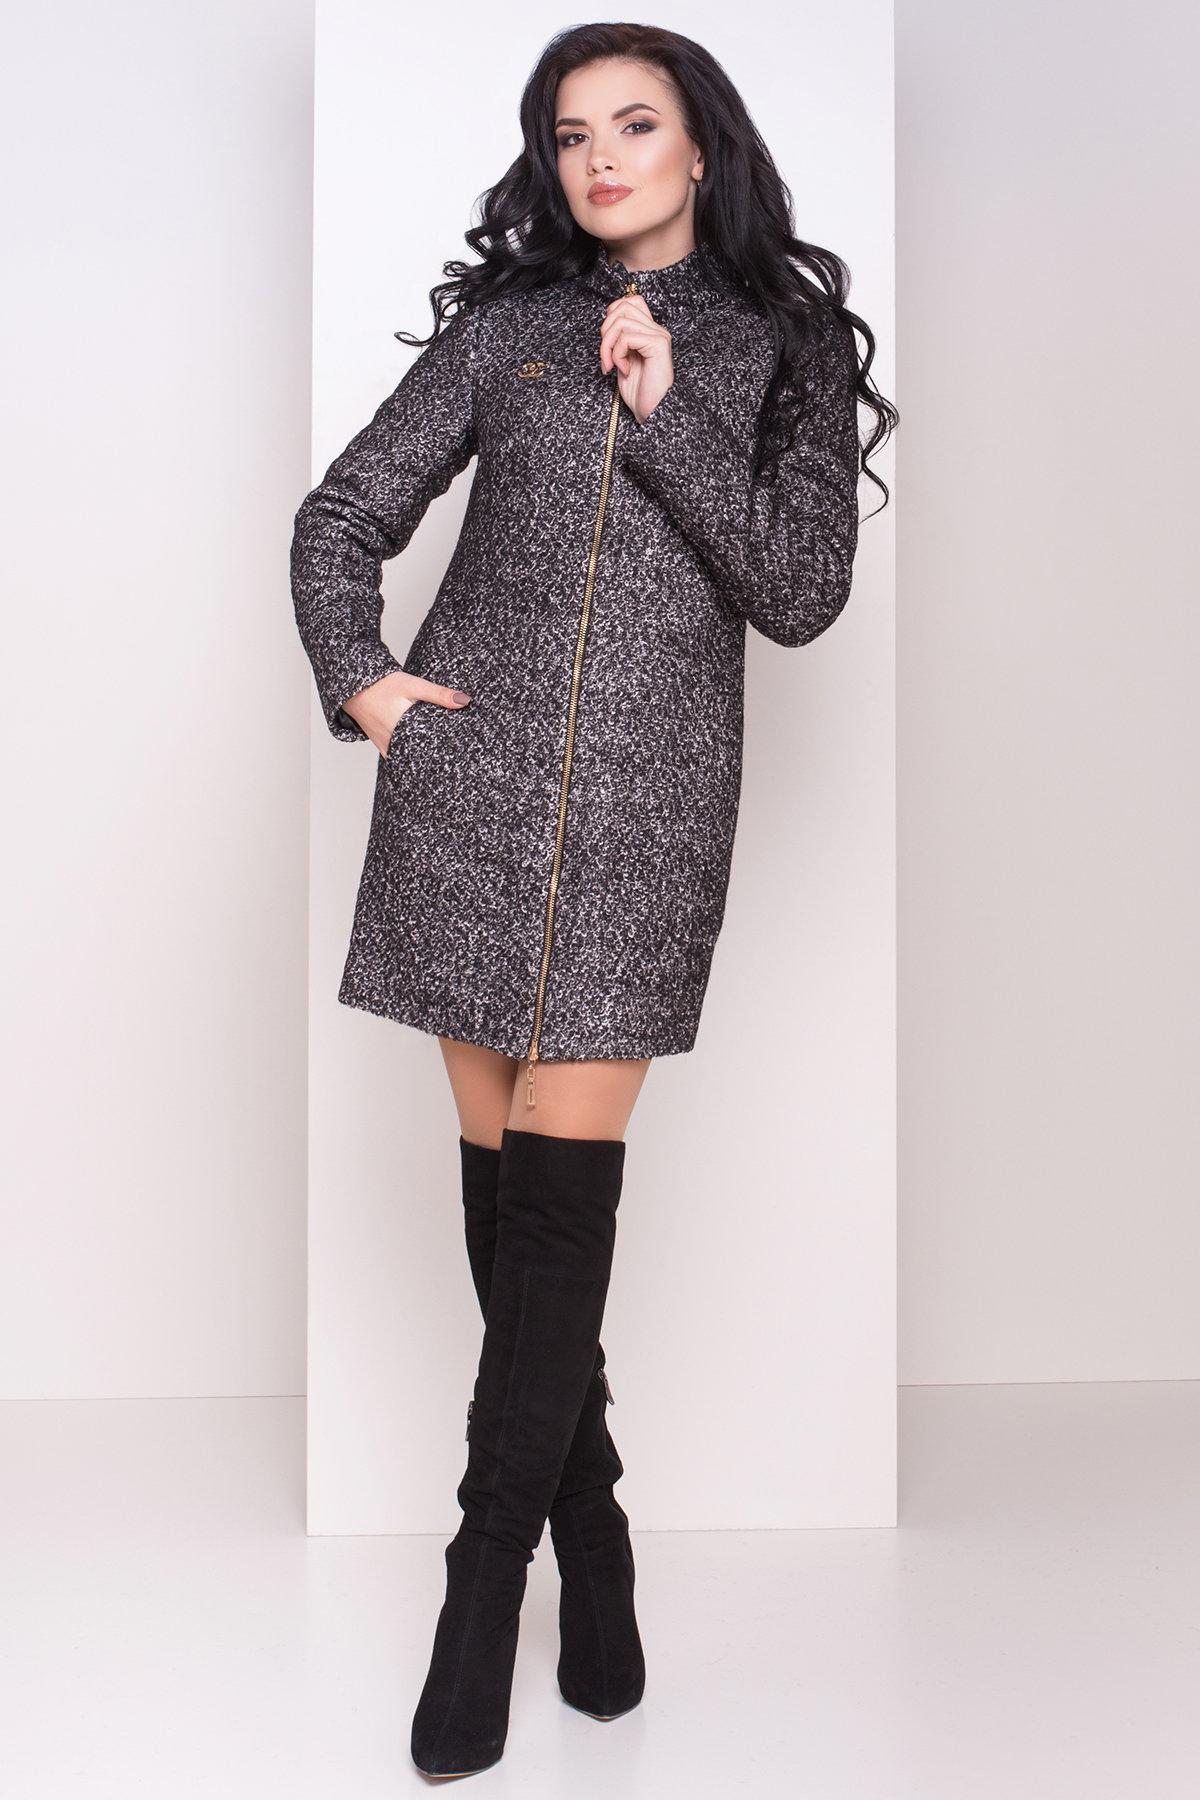 Зимнее пальто шерсть-букле Сан-Ремо 0939 АРТ. 8300 Цвет: Черный / серый 6 - фото 1, интернет магазин tm-modus.ru